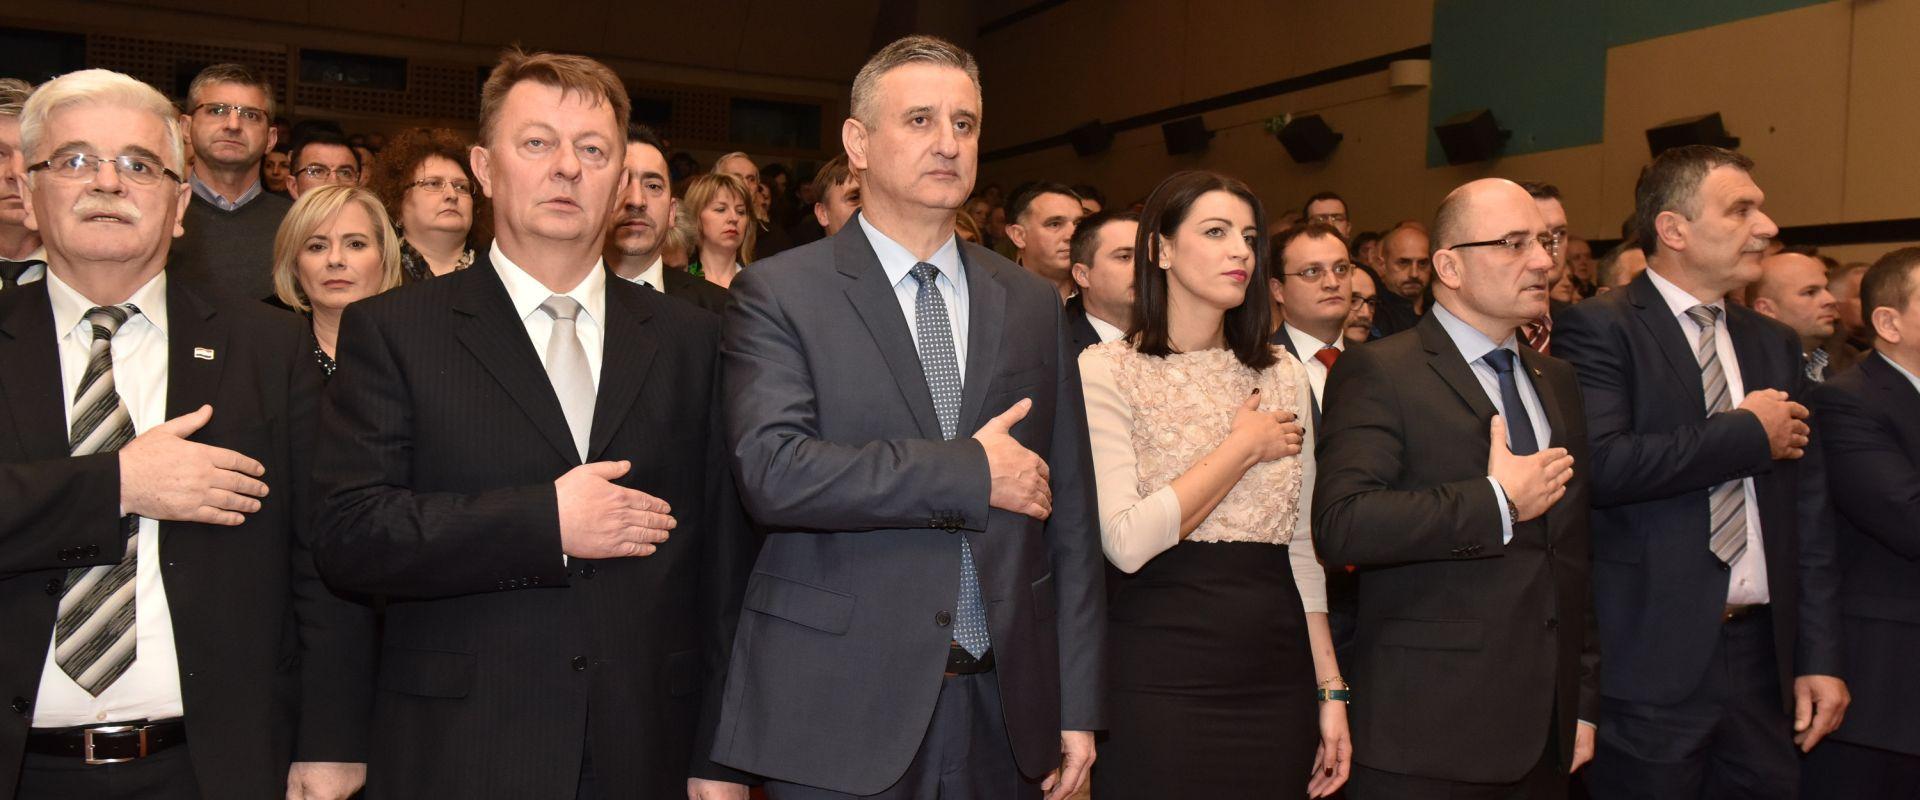 Karamarko: Zašto je Orepić kod sebe držao topnički dnevnik treba pitati njega